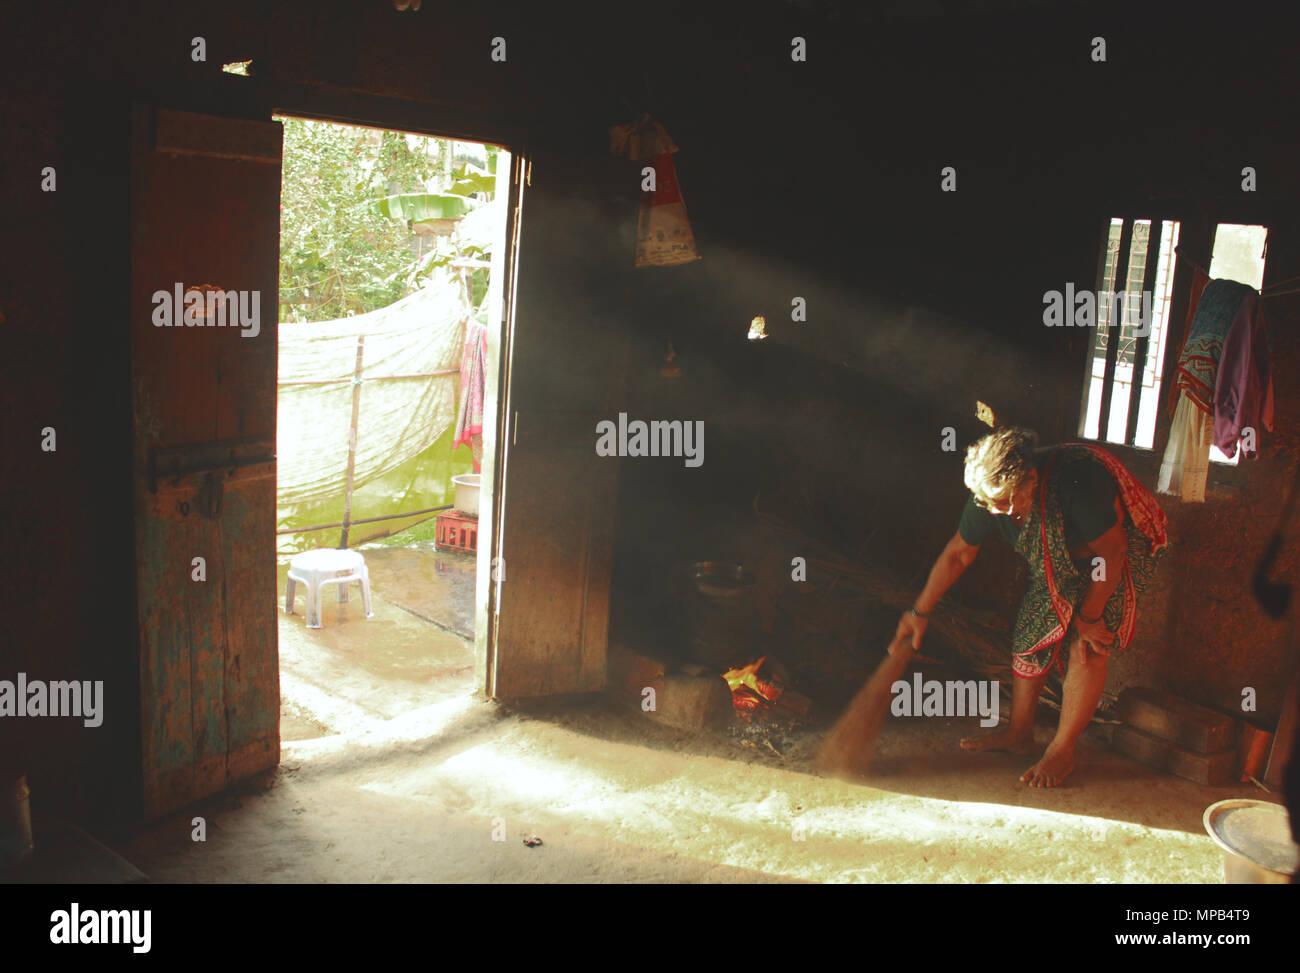 Beata illuminazione a raggi le pareti di una cucina rurale foto